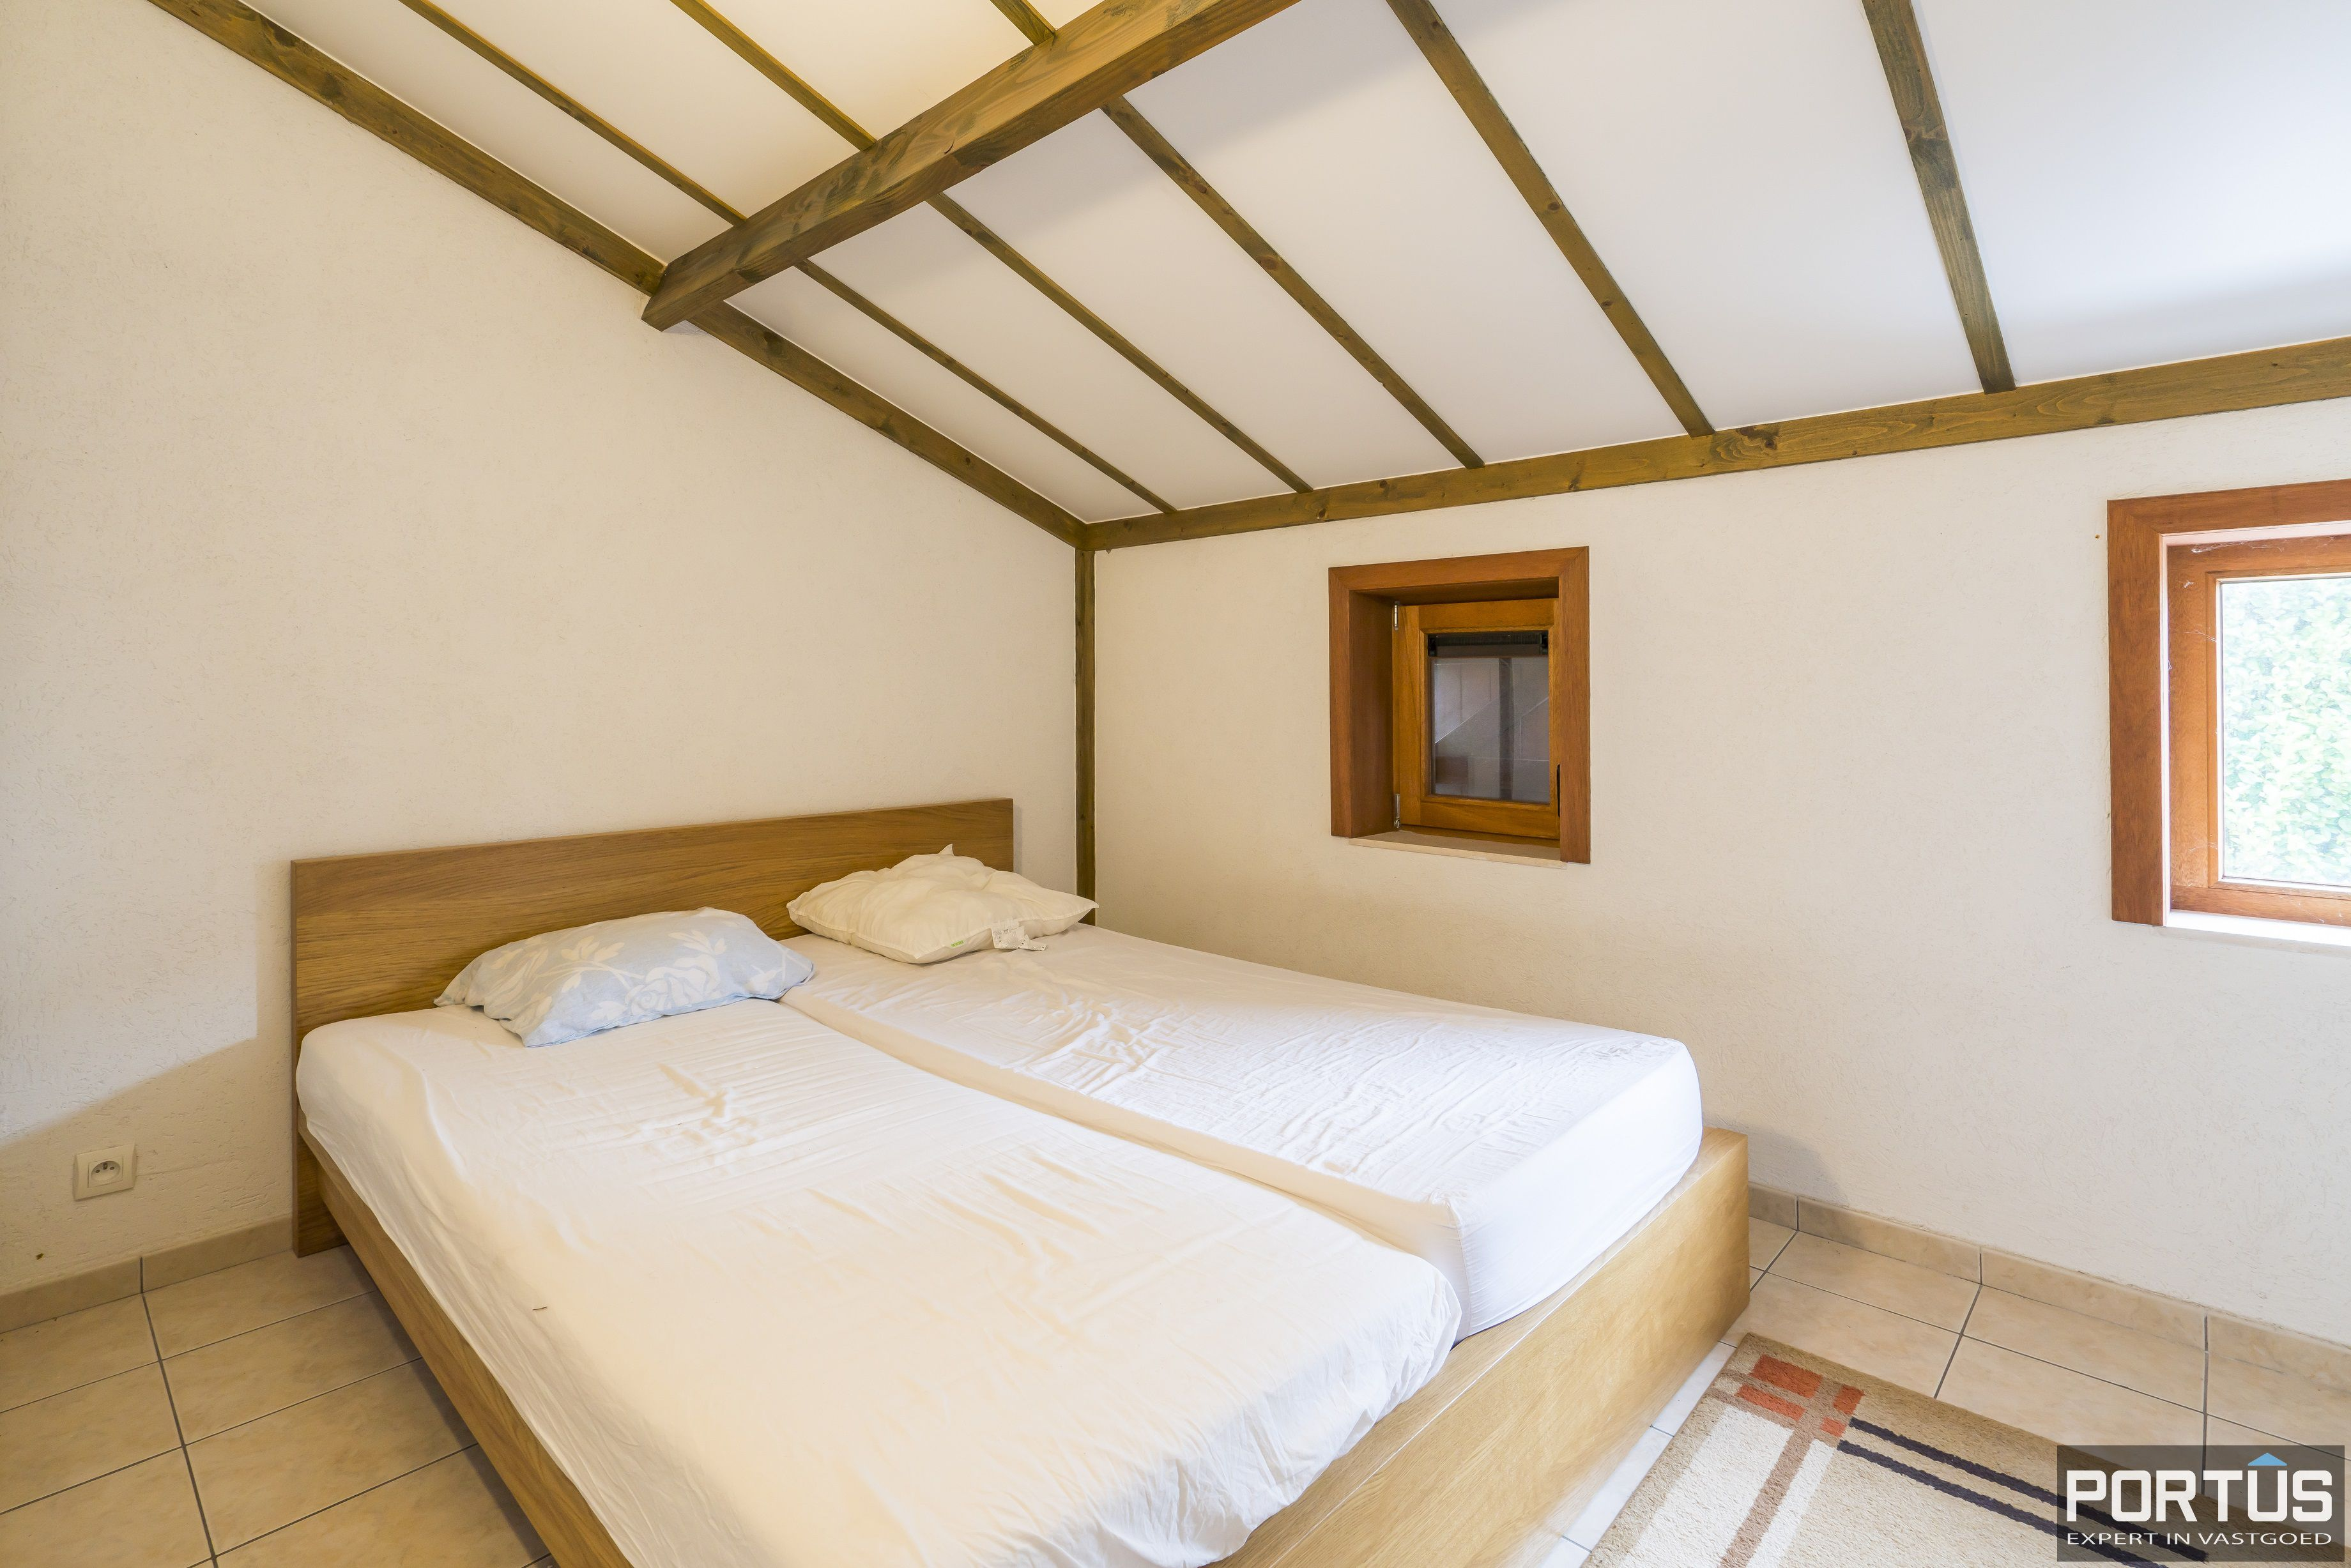 Instapklare woning met 3 slaapkamers te koop - 11695